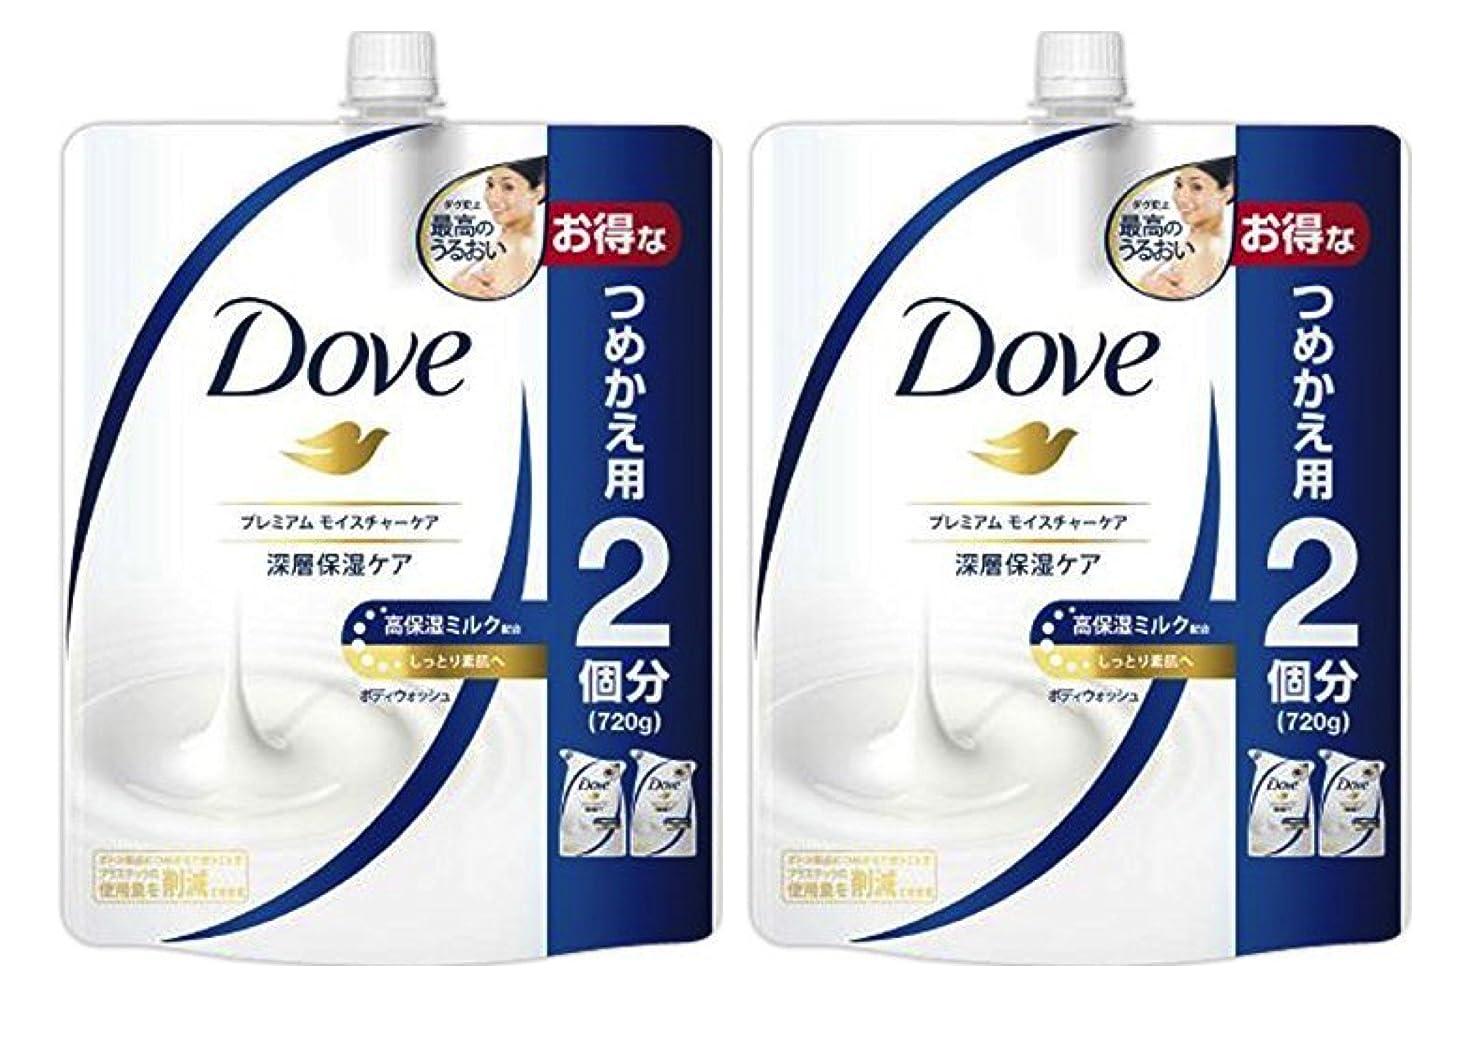 スペースケープ実用的Dove ダヴ ボディウォッシュ プレミアム モイスチャーケア つめかえ用 720g 2個セット